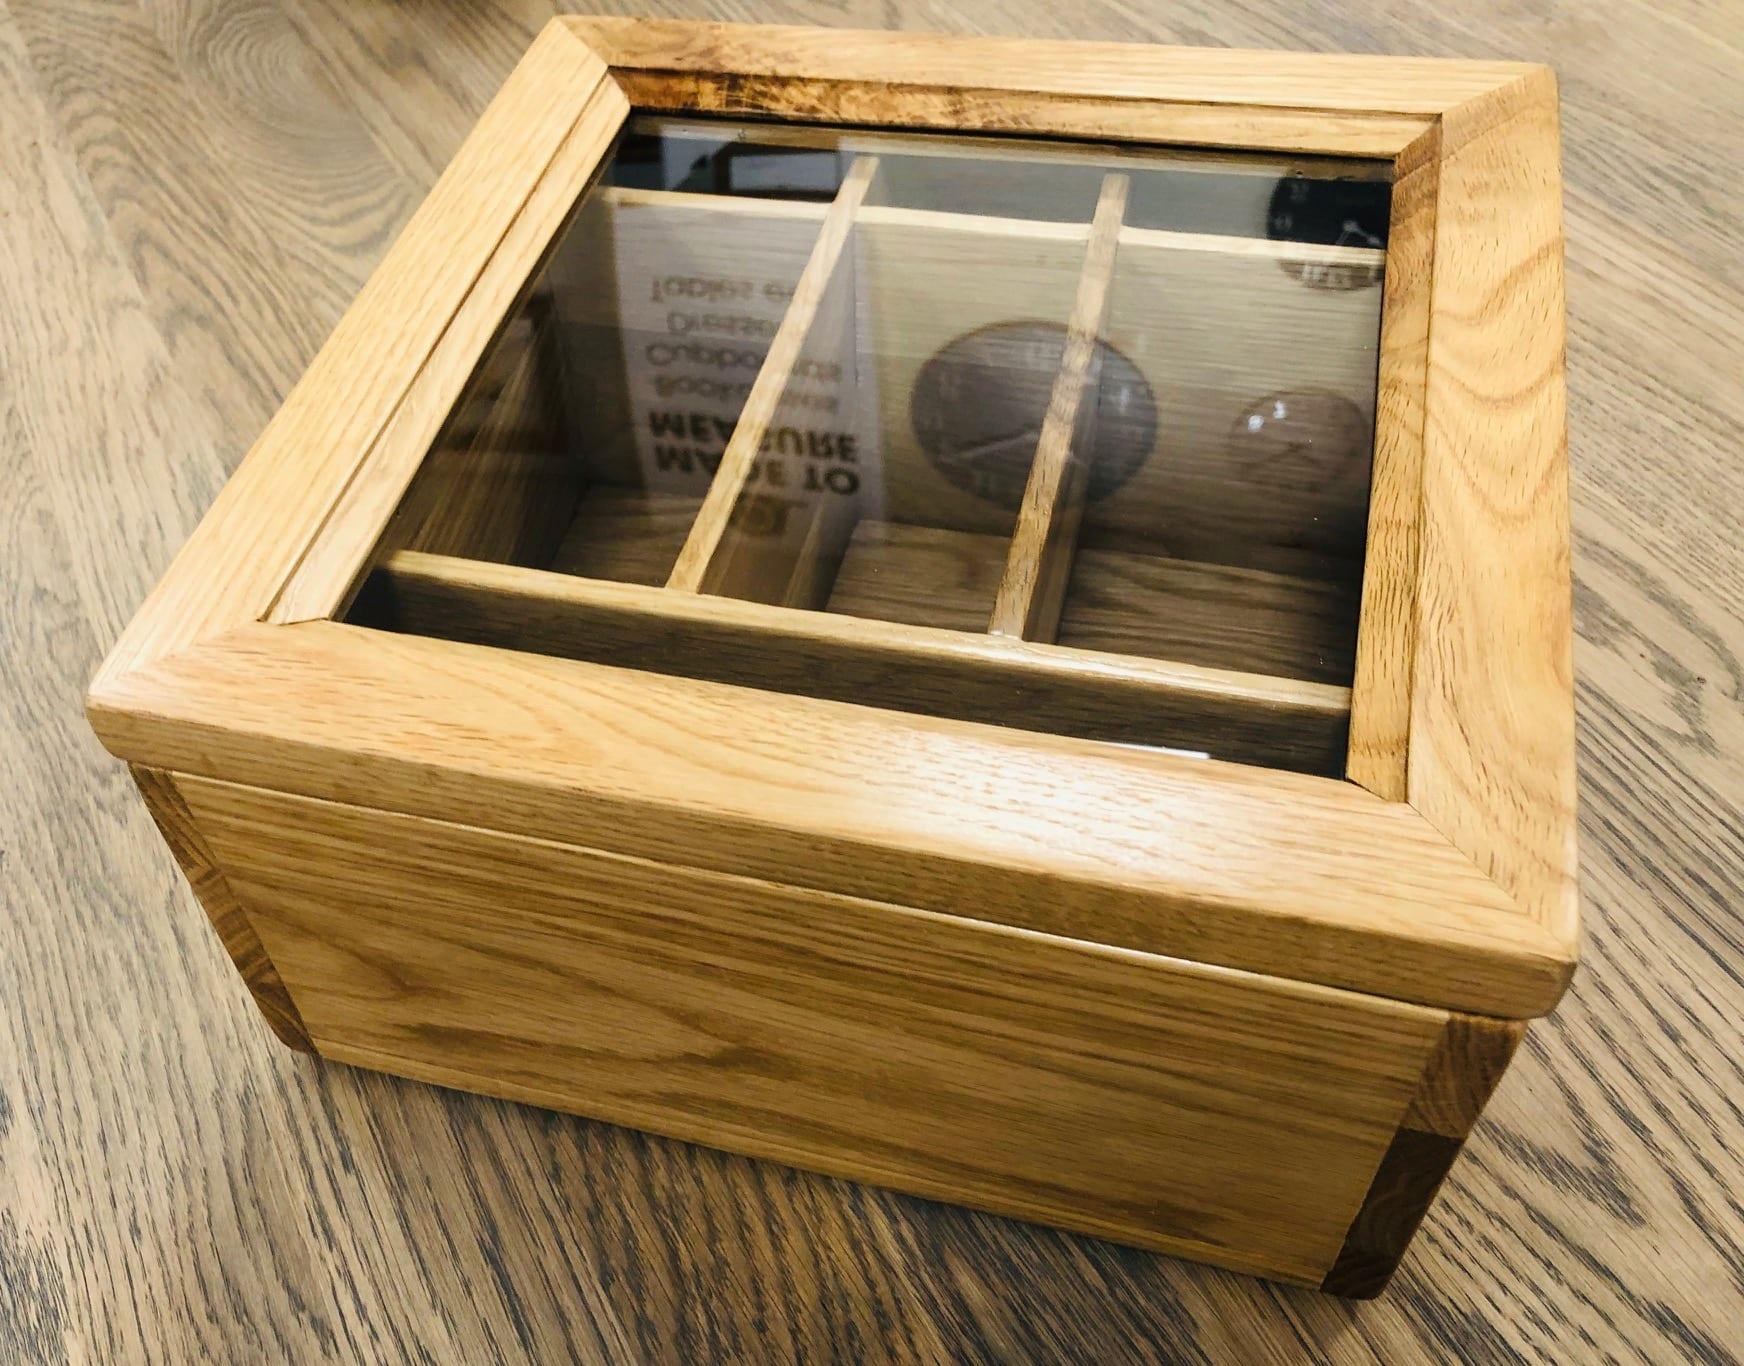 Besp-oak LER002 Wooden box with glass lid 3